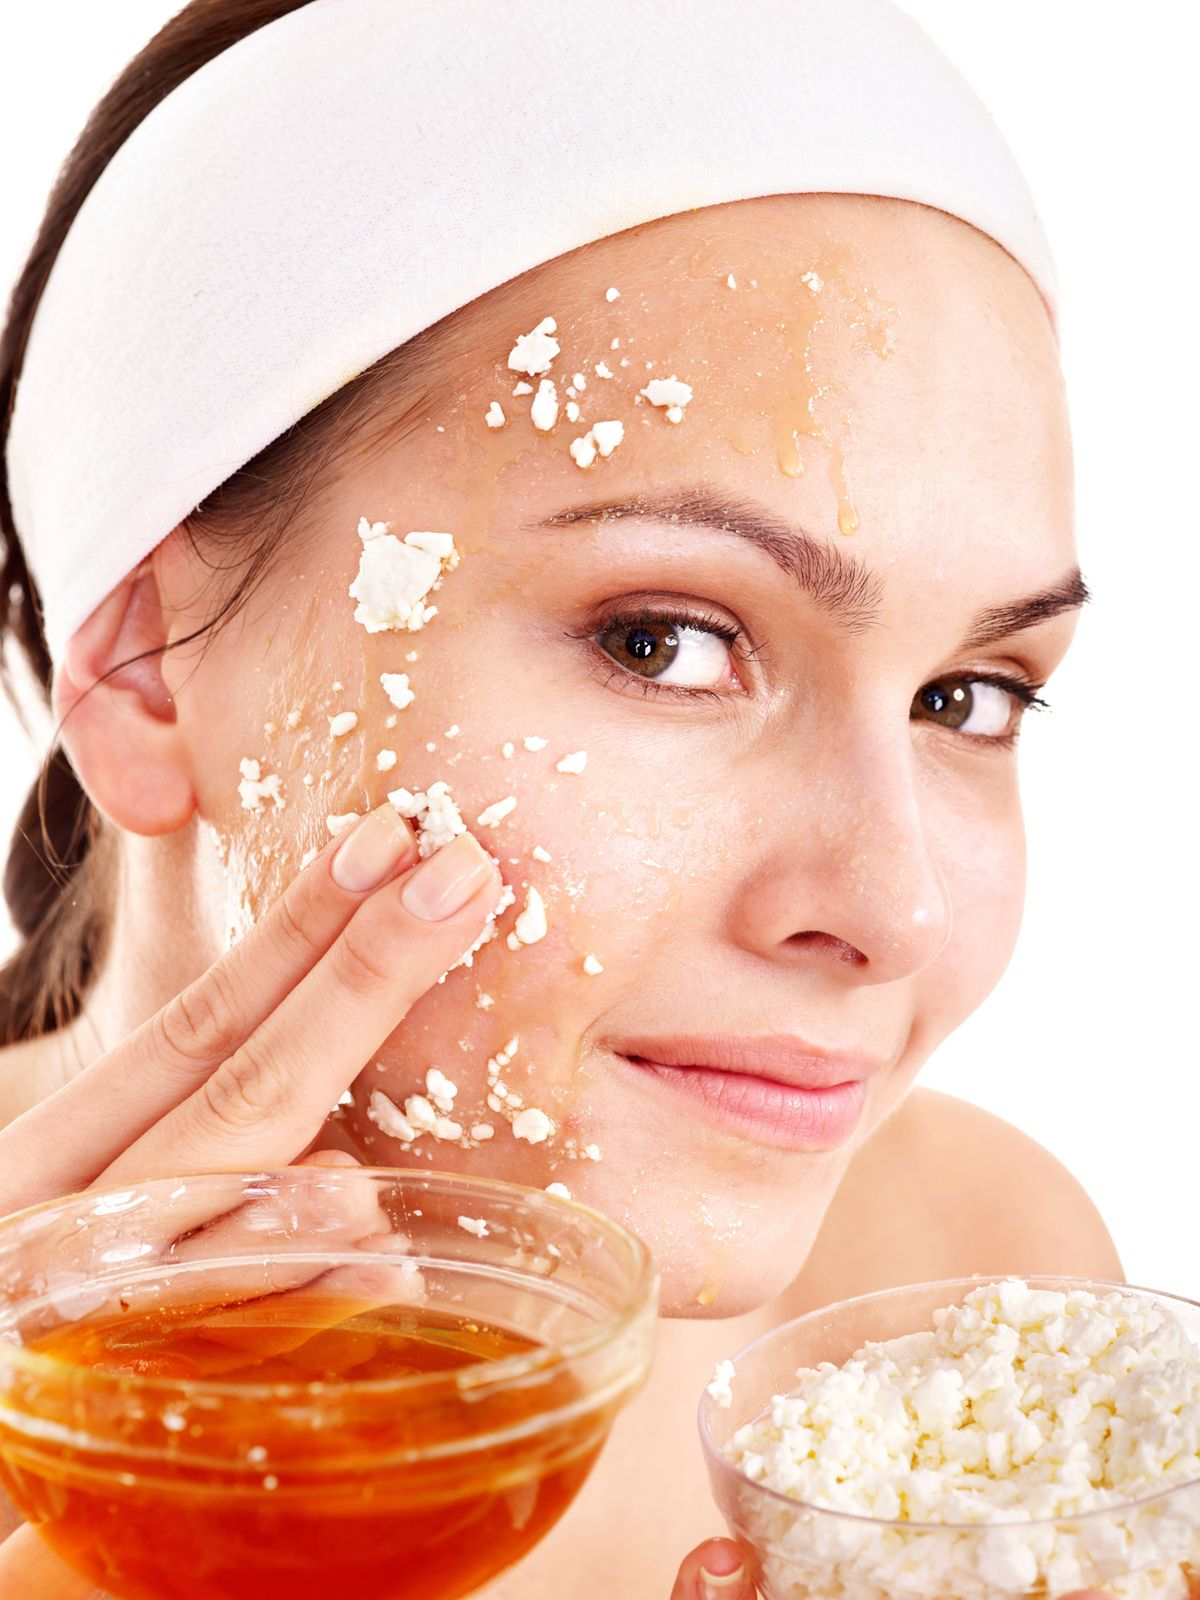 Домашние маски для сухой кожи лица - Cosmopolitan 91